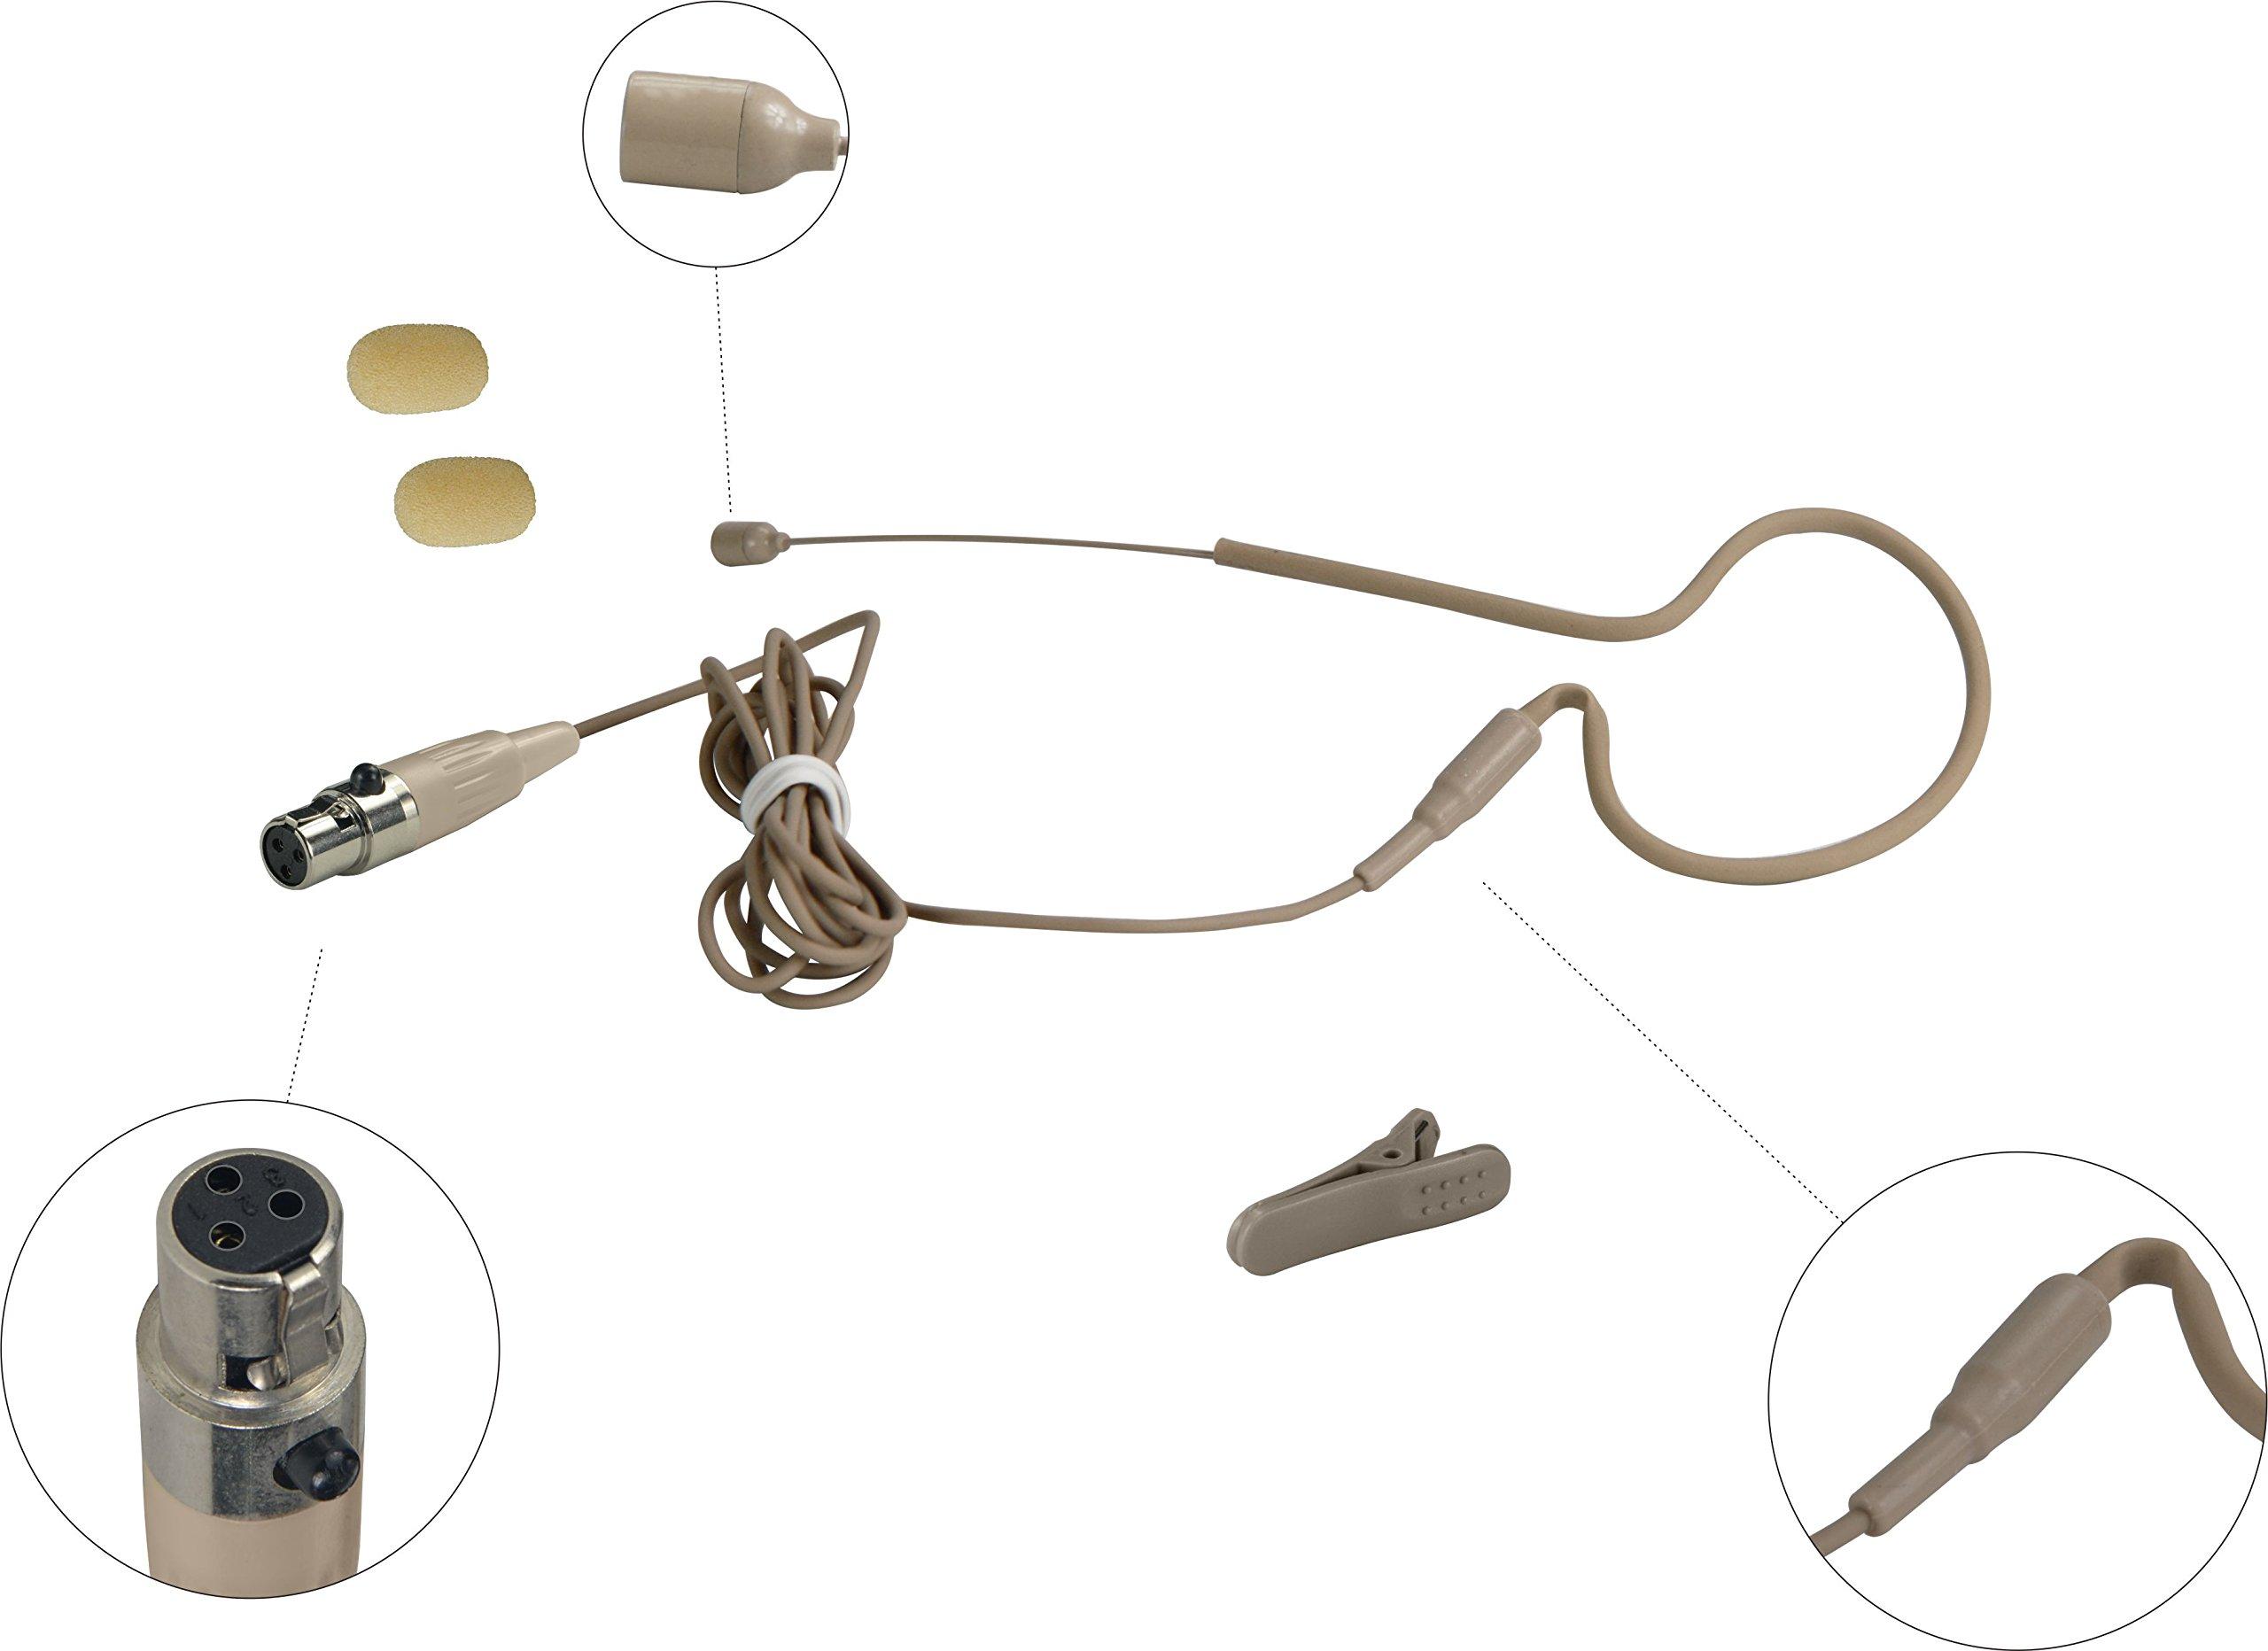 HEIMU 3 Pin Mini XLR Single Earhook Headset Microphone for Akg Body-pack (for AKG type 3 pin mini plug SKIN) by HEIMU